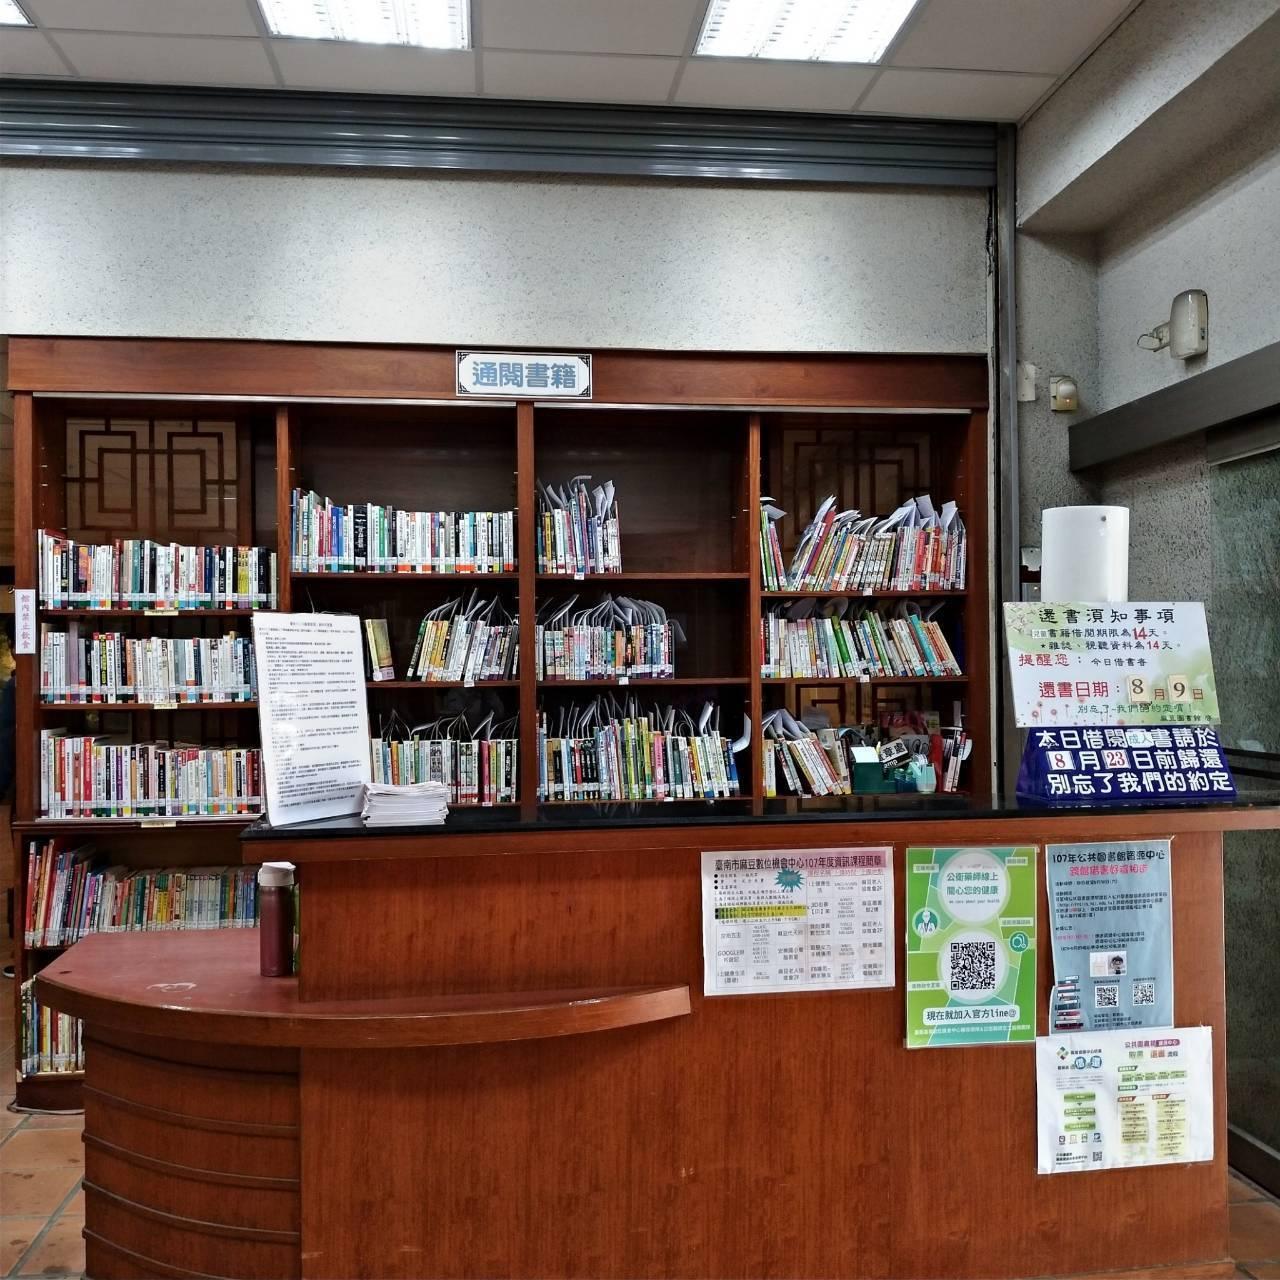 麻豆圖書館整建工程再度延期,爭取年底開放。圖/黃偉哲服務處提供